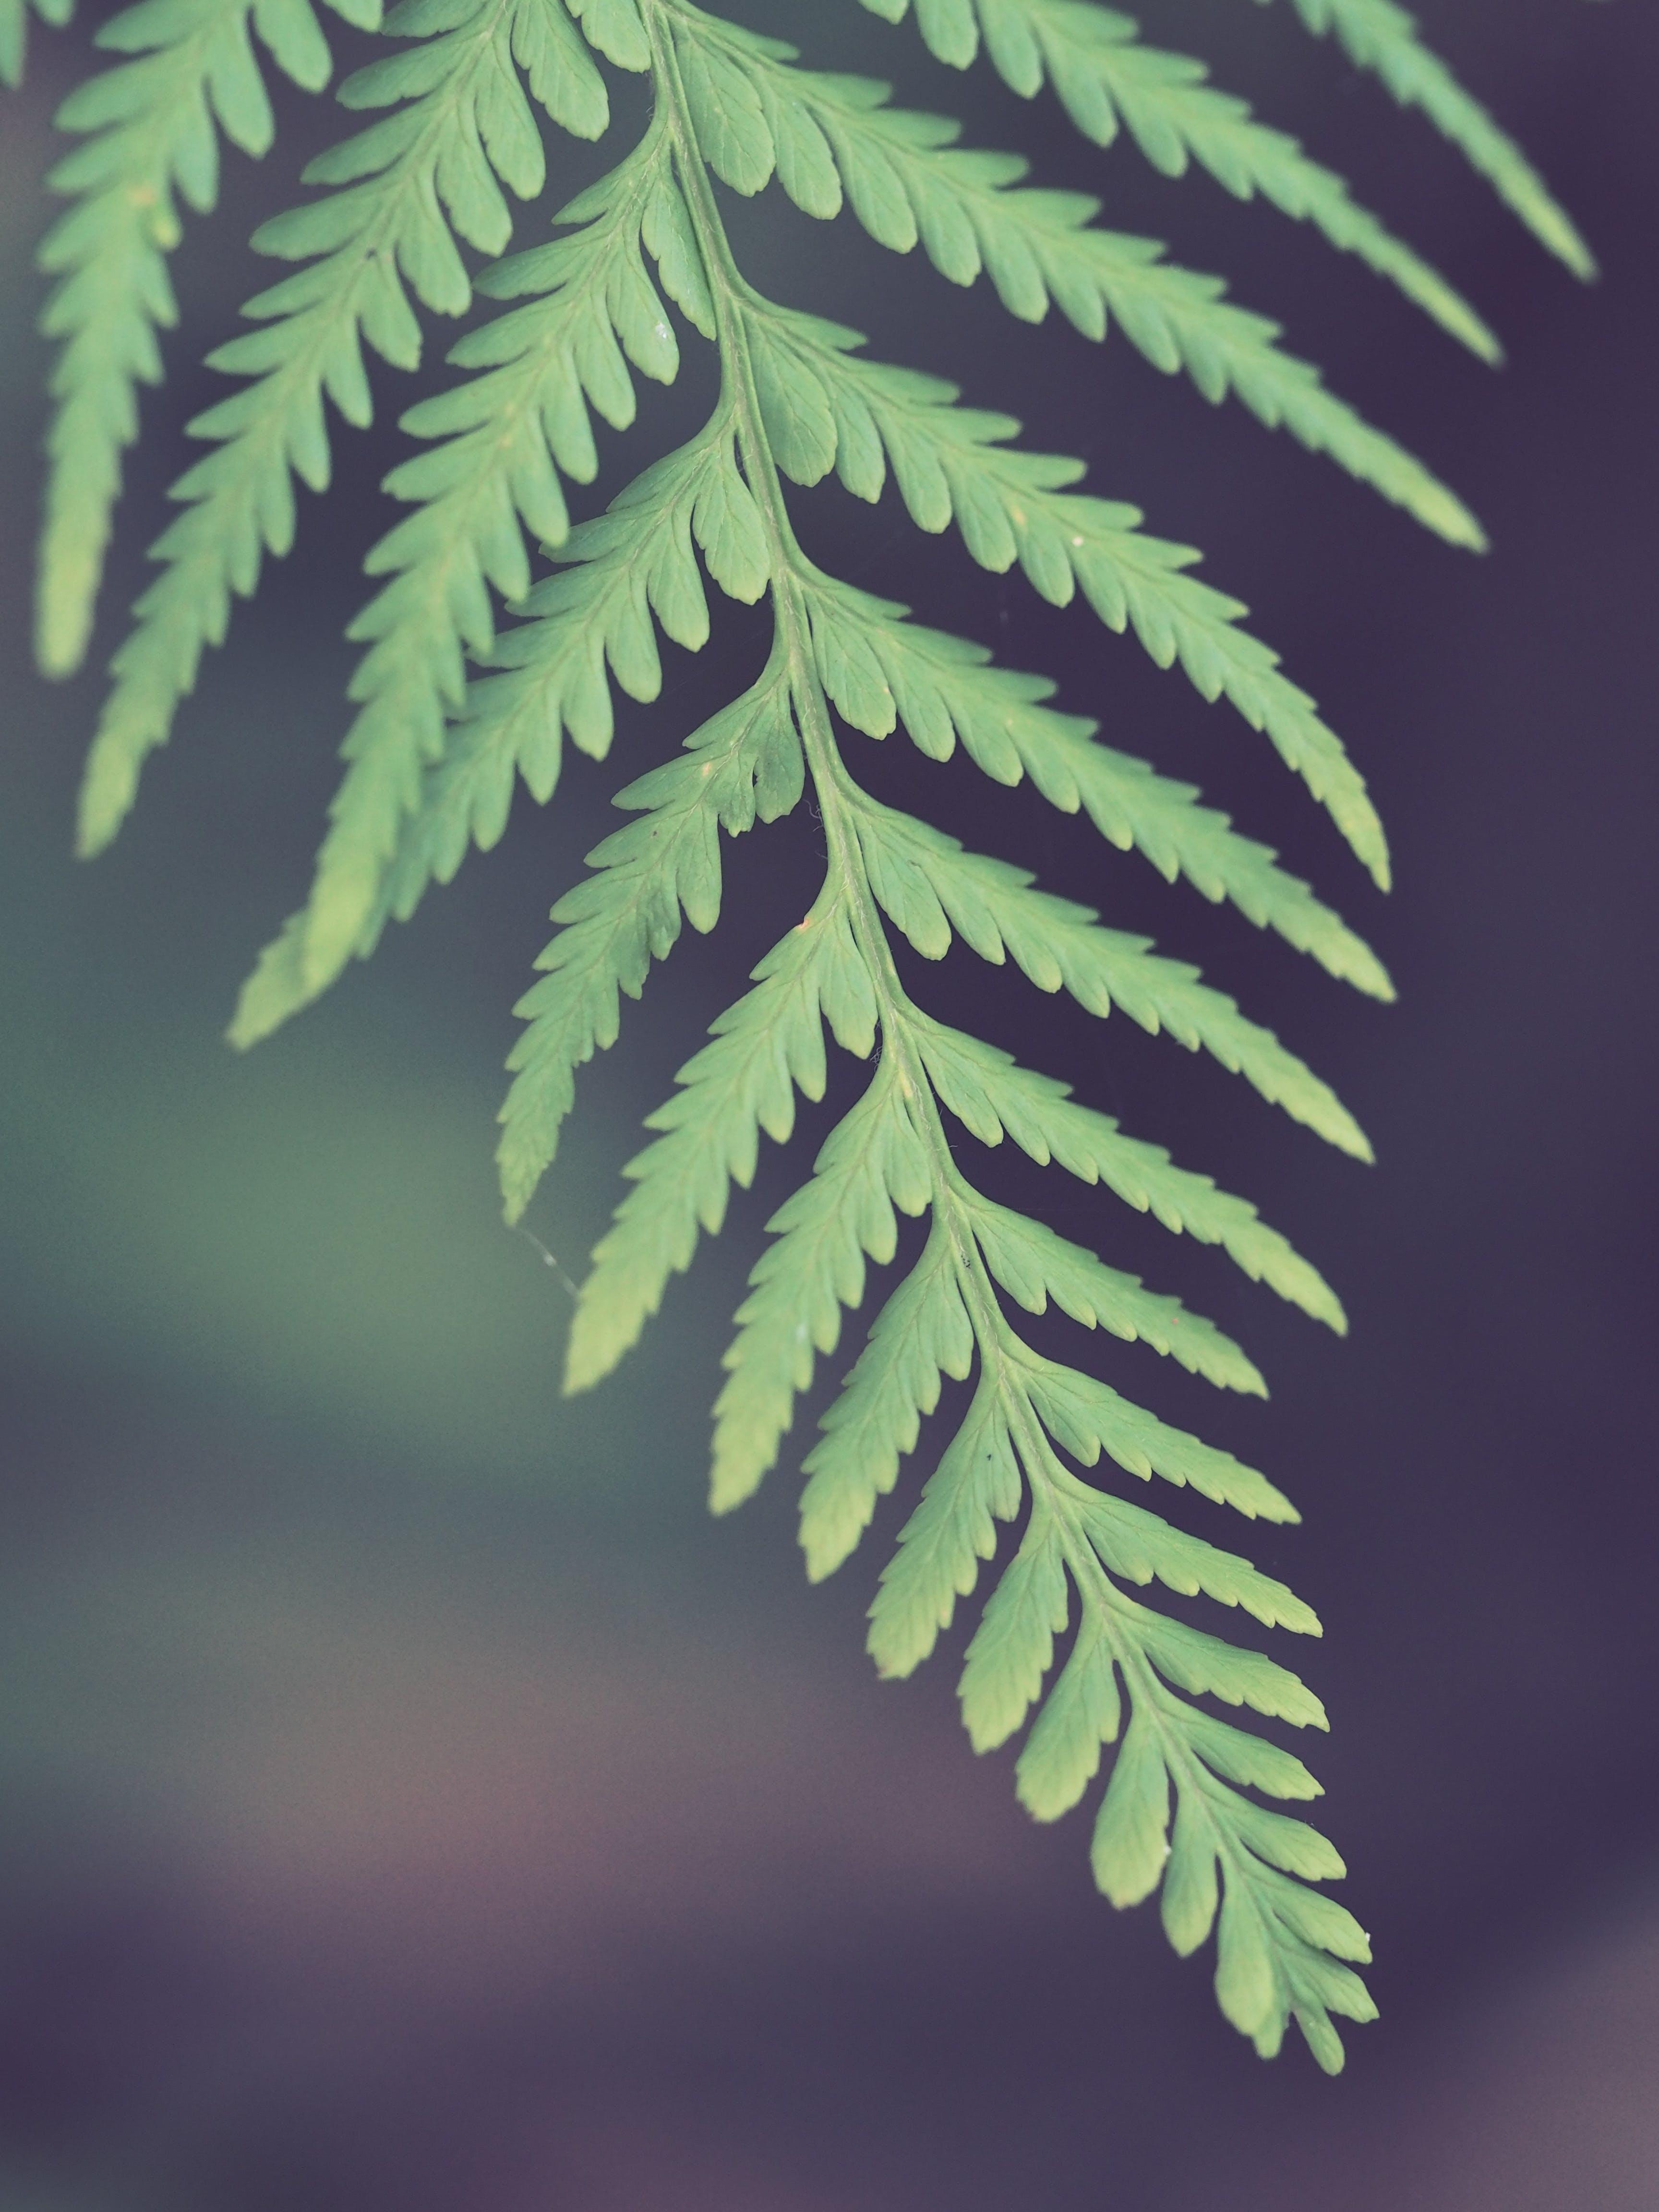 Fotos de stock gratuitas de árbol, biología, brillante, color